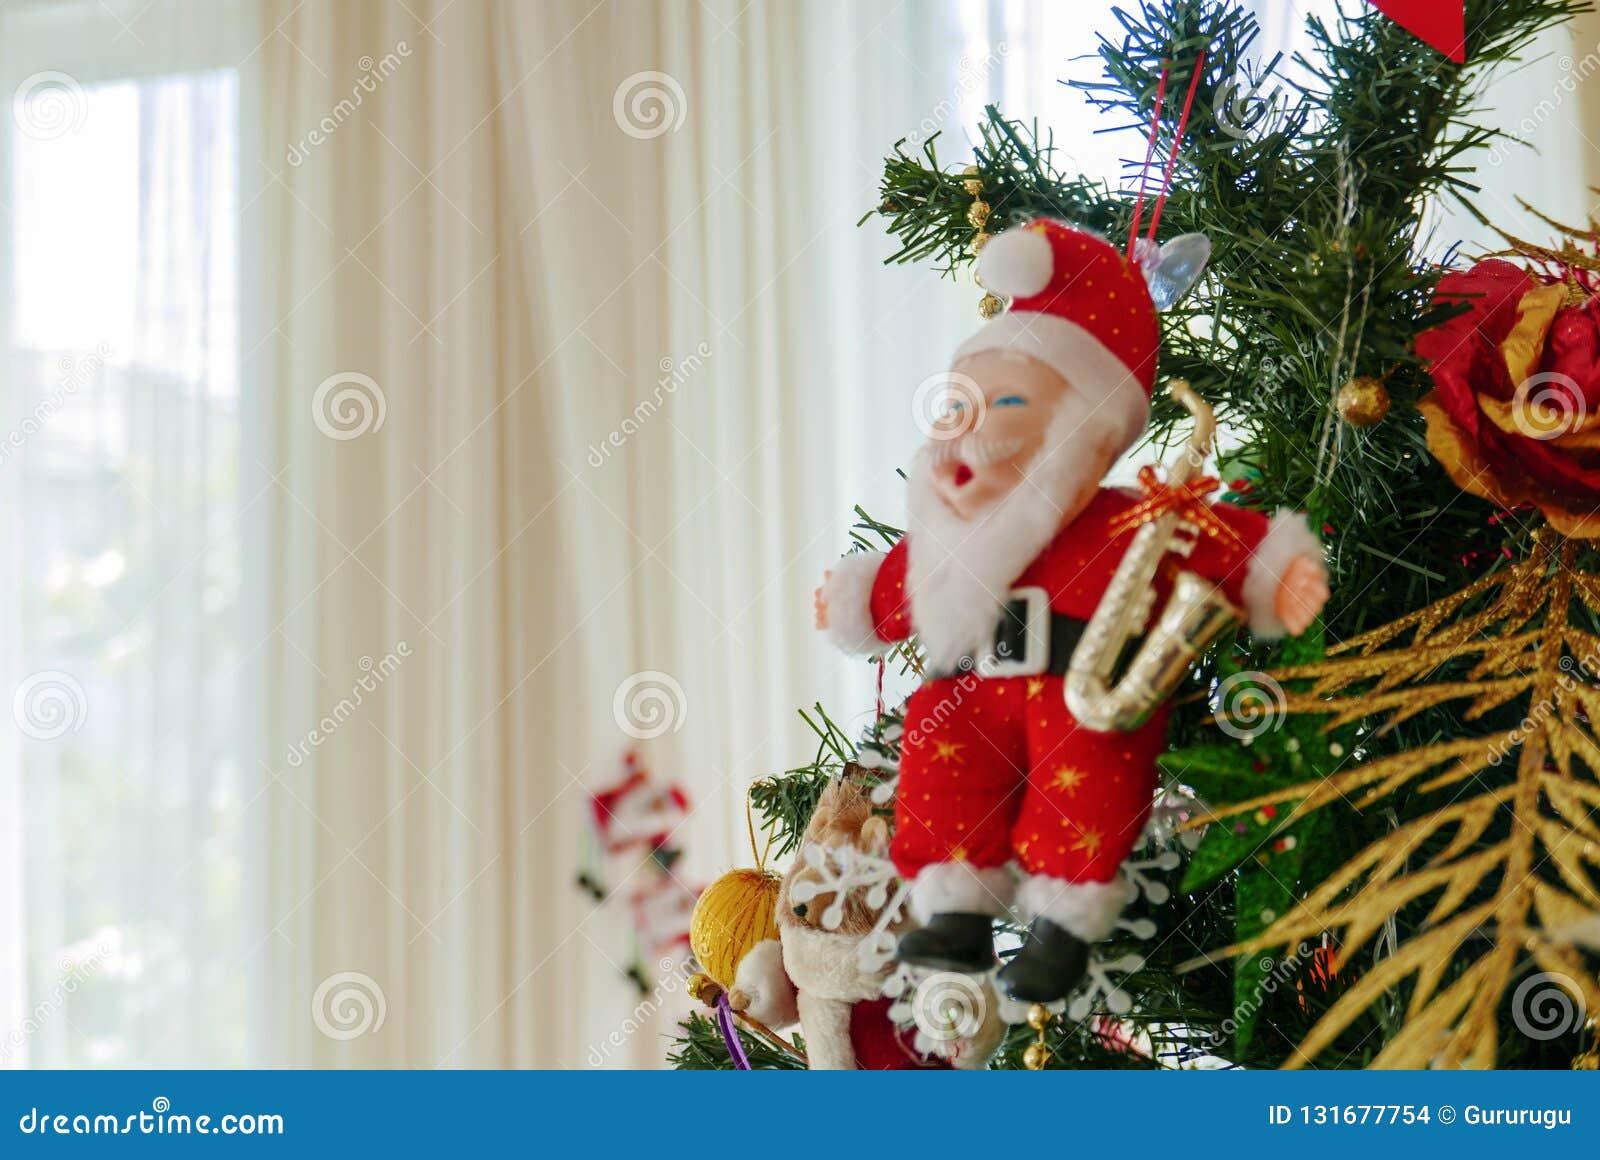 Modelo diminuto de Santa Claus na janela próxima da árvore de Natal com o copyspace para a família, dando, estação, Natal, feriad